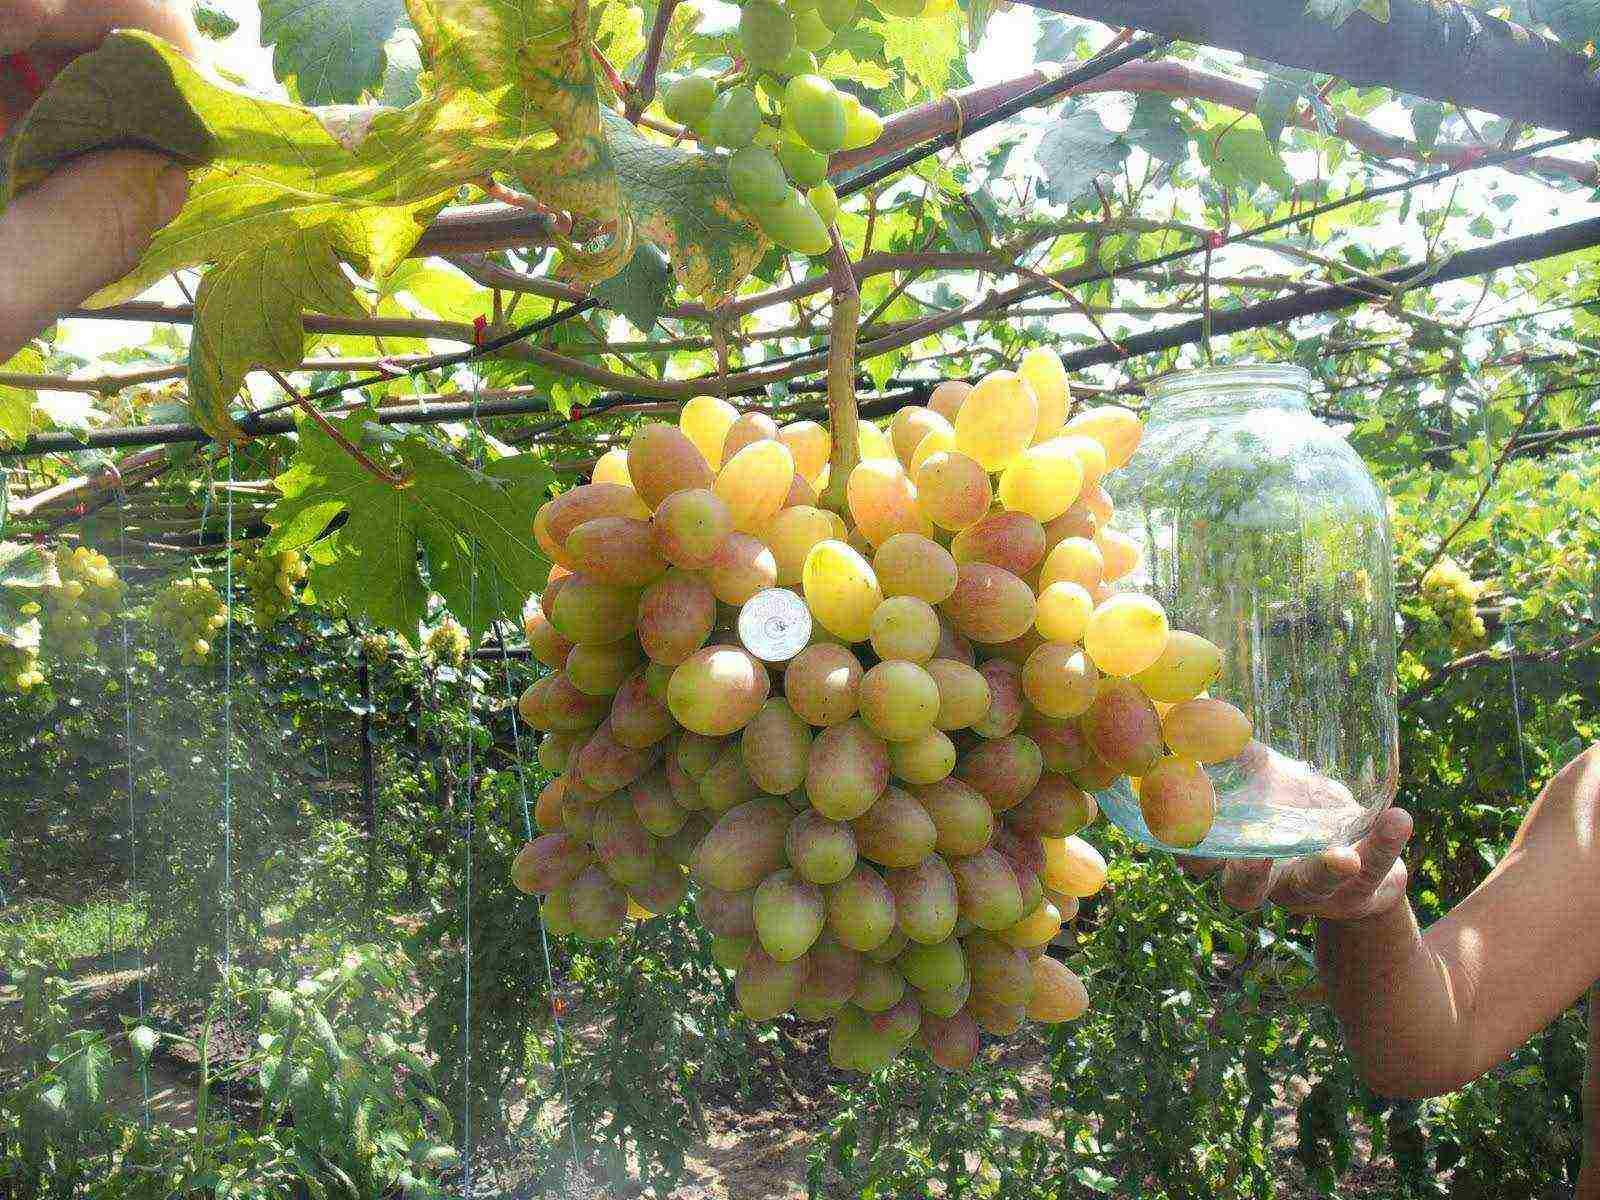 Виноград в теплице: выращивание, посадка и уход, схема обрезки с видео